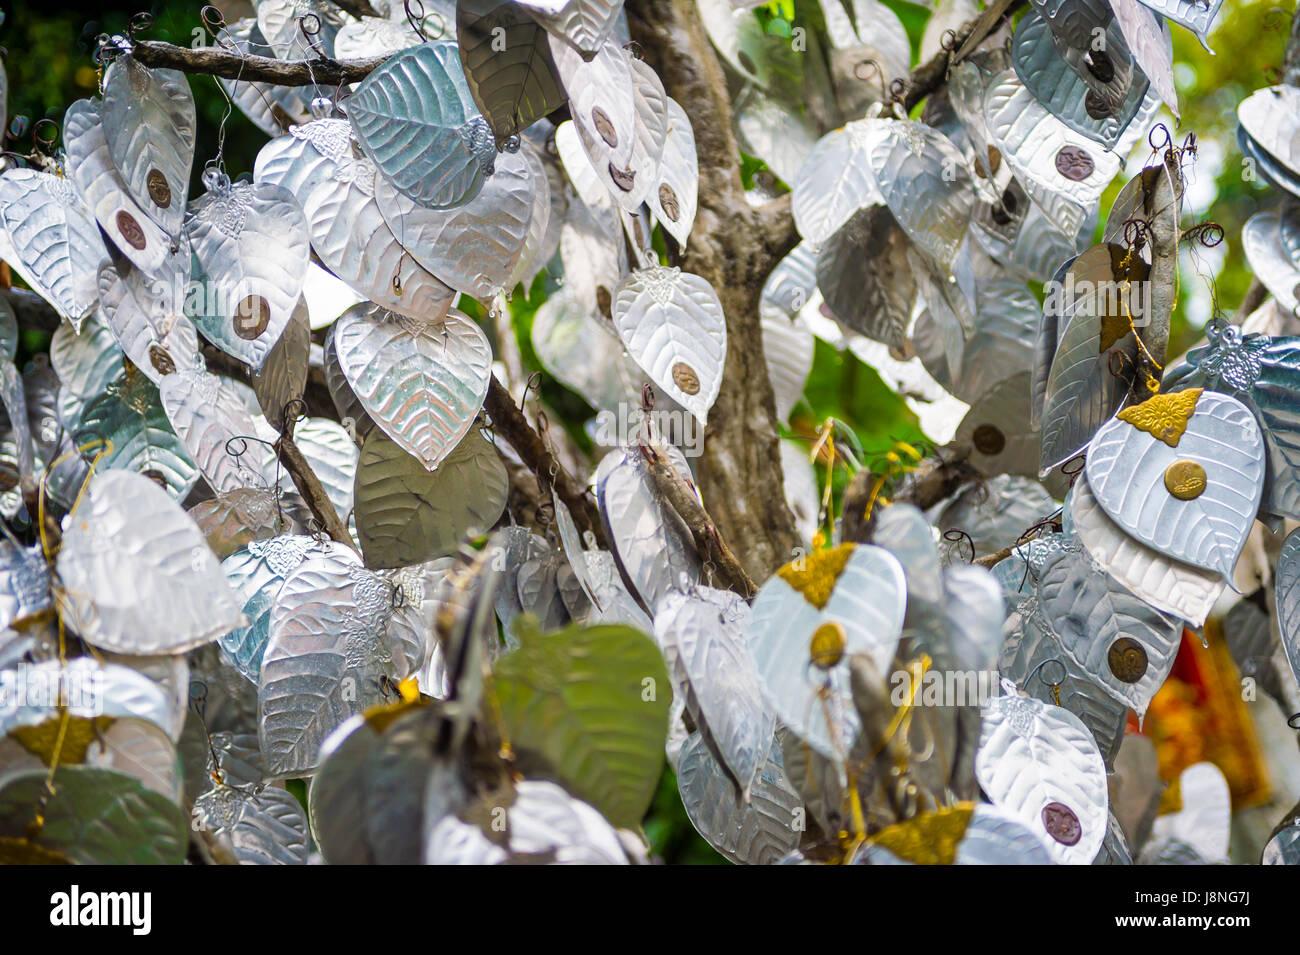 Feuilles de bodhi d'argent suspendue à un arbre sacré qui souhaitent dans un temple bouddhiste à Bangkok, Thaïlande Banque D'Images